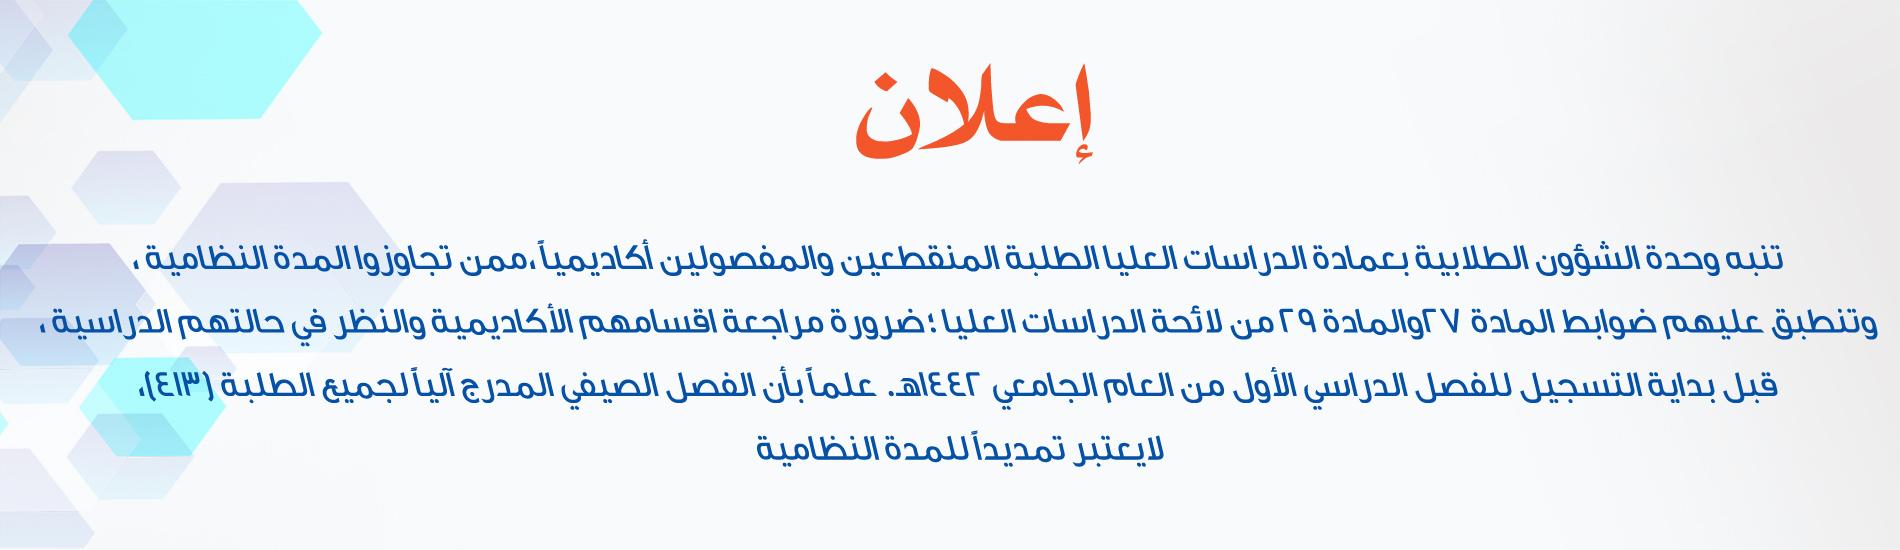 إعــــــــــلان -  للطلبة المنقطعين والمفصولين...